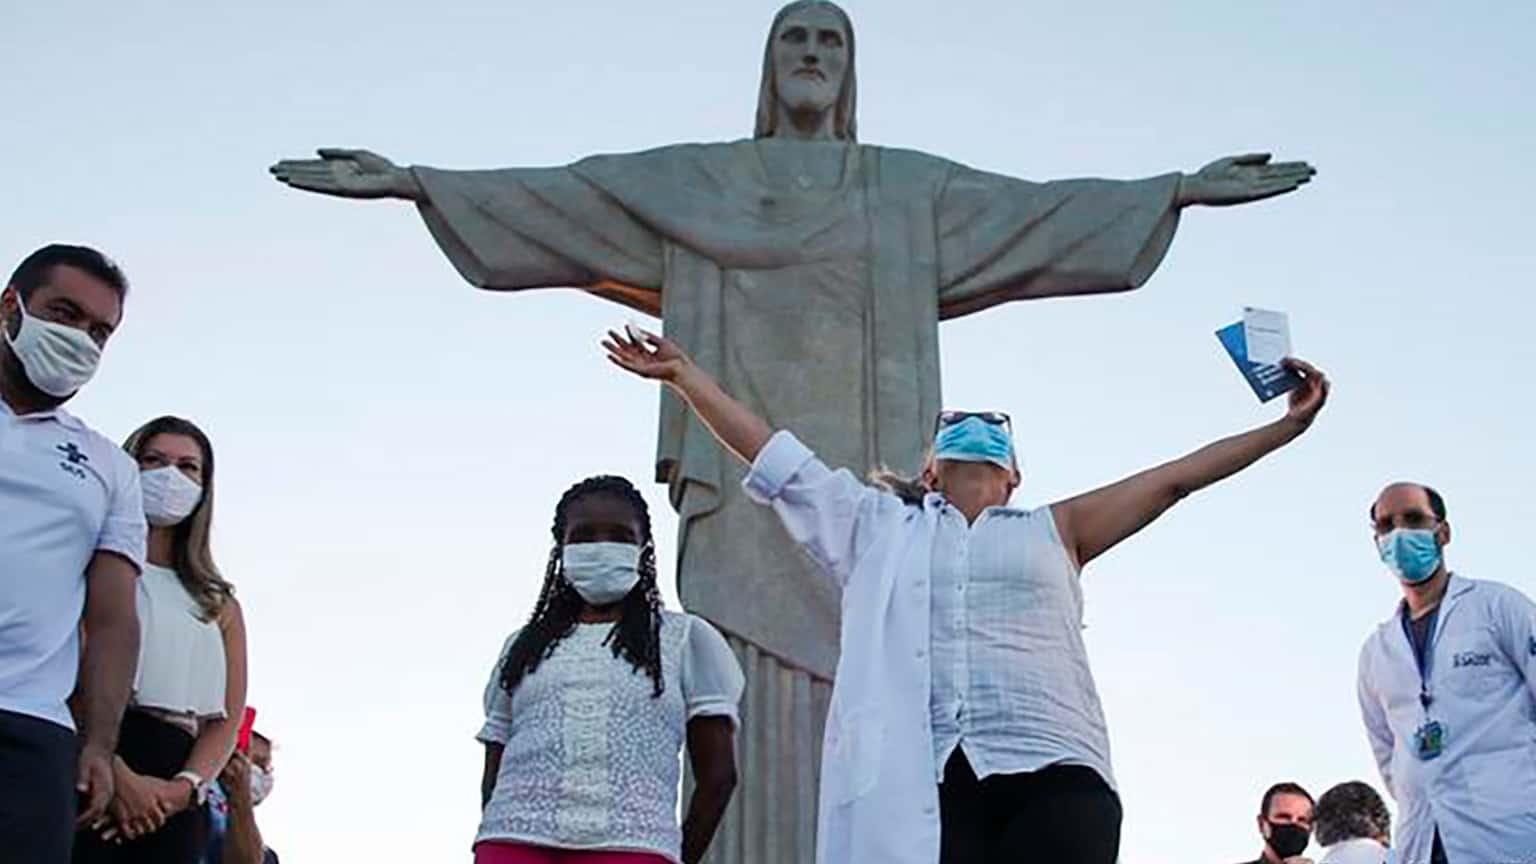 Metrics, discussão digital, partes interessadas, tendências, Brasil, programa nacional de vacinação, vacinação, governo federal, Jair Bolsonaro, redes sociais, COVID-19,